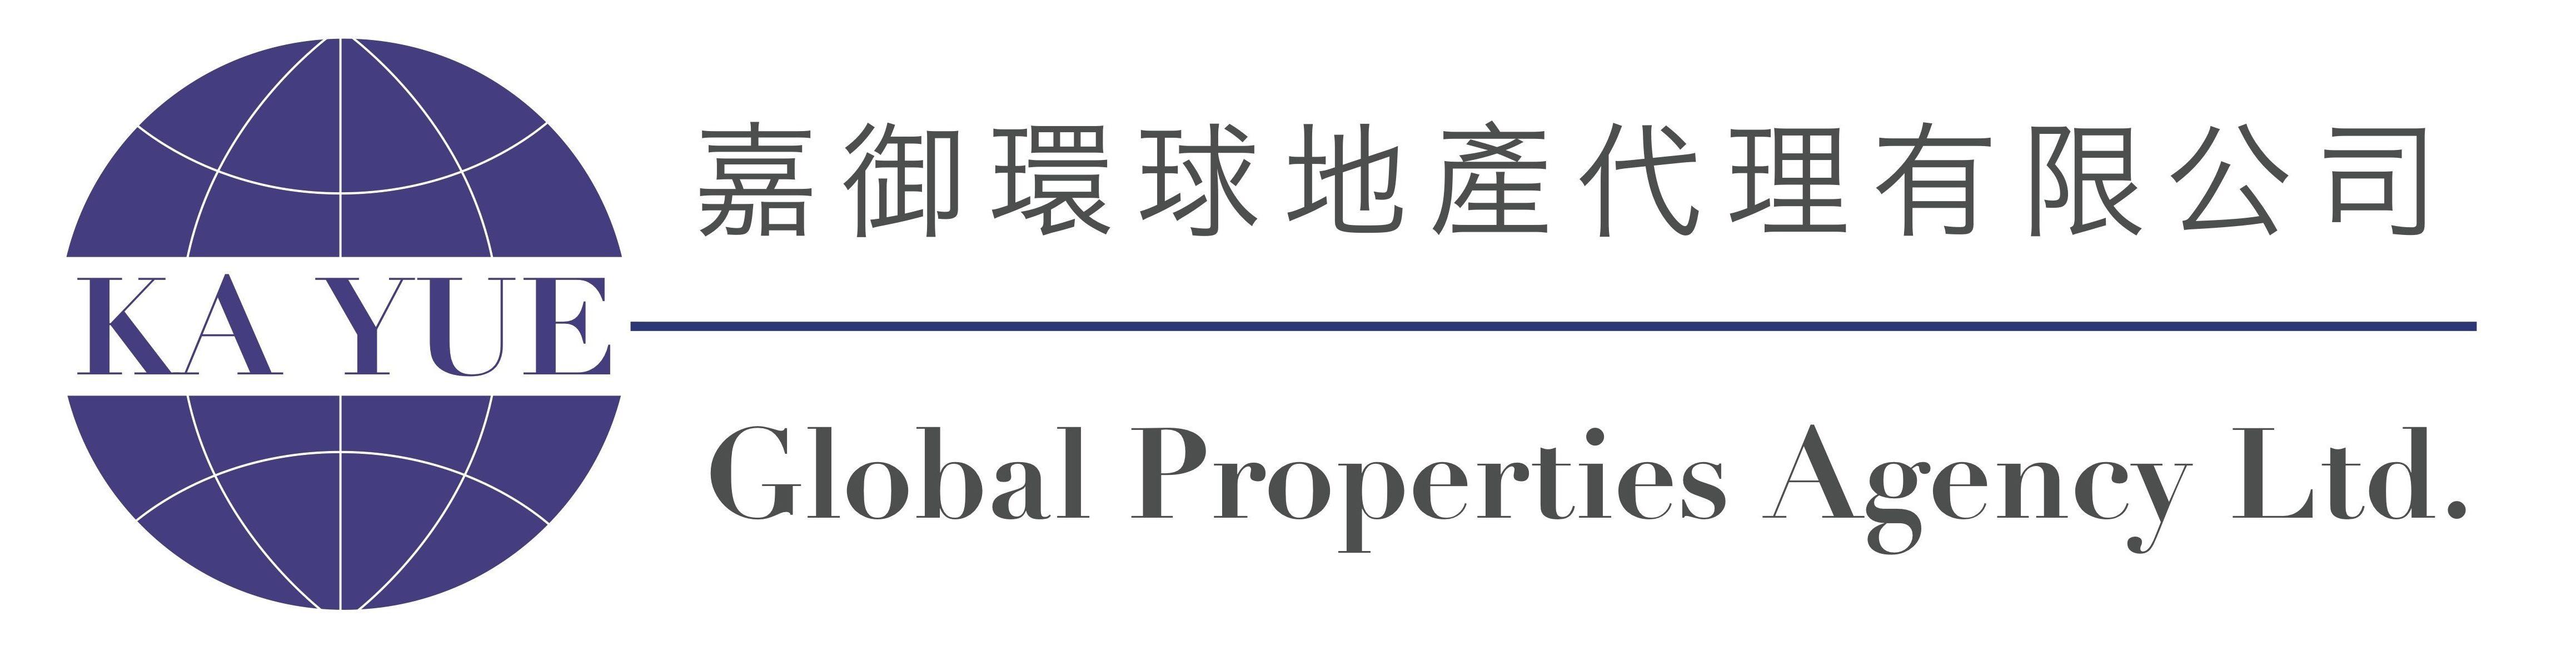 嘉御環球地產代理 Kayue Global Properties Agency